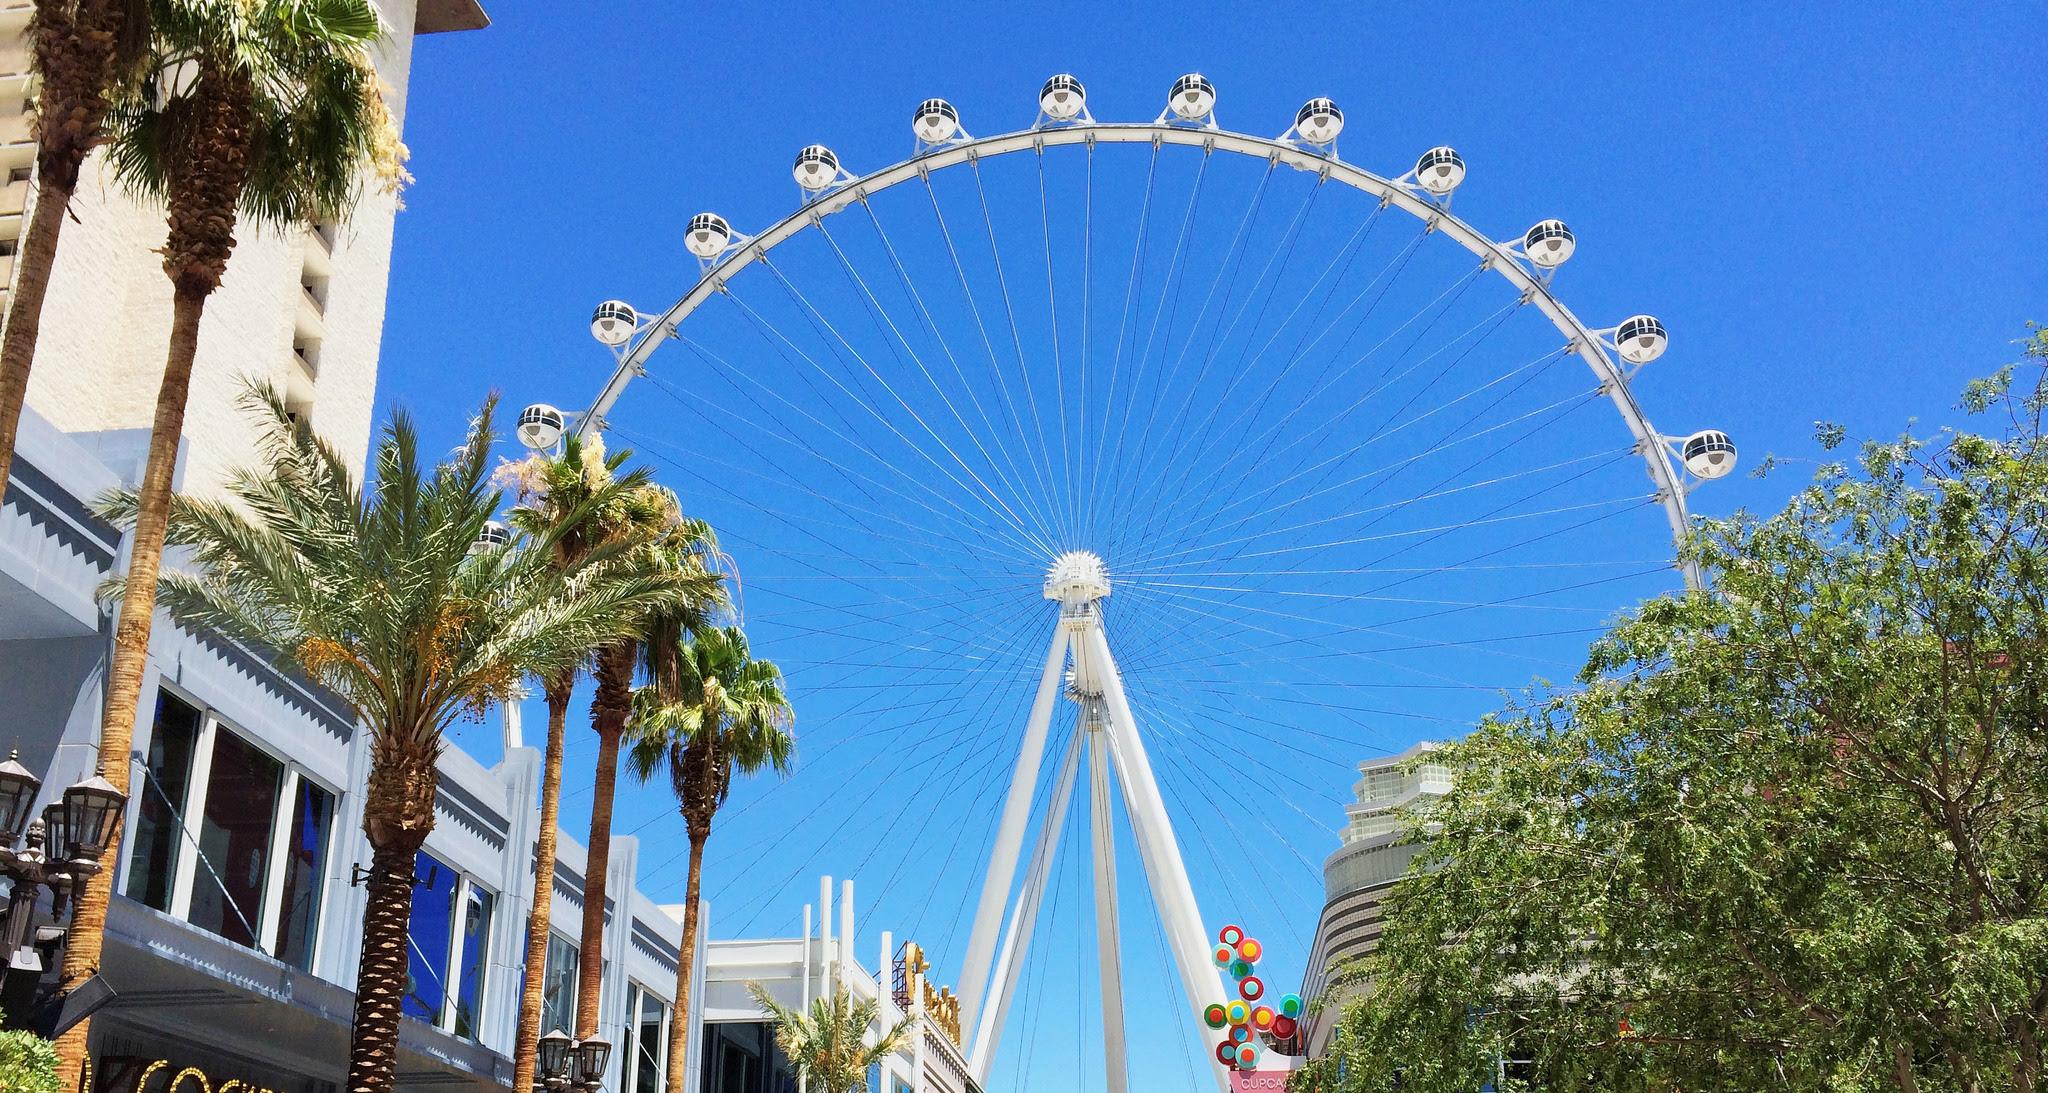 High Roller In Las Vegas Is Tallest Ferris Wheel In USA